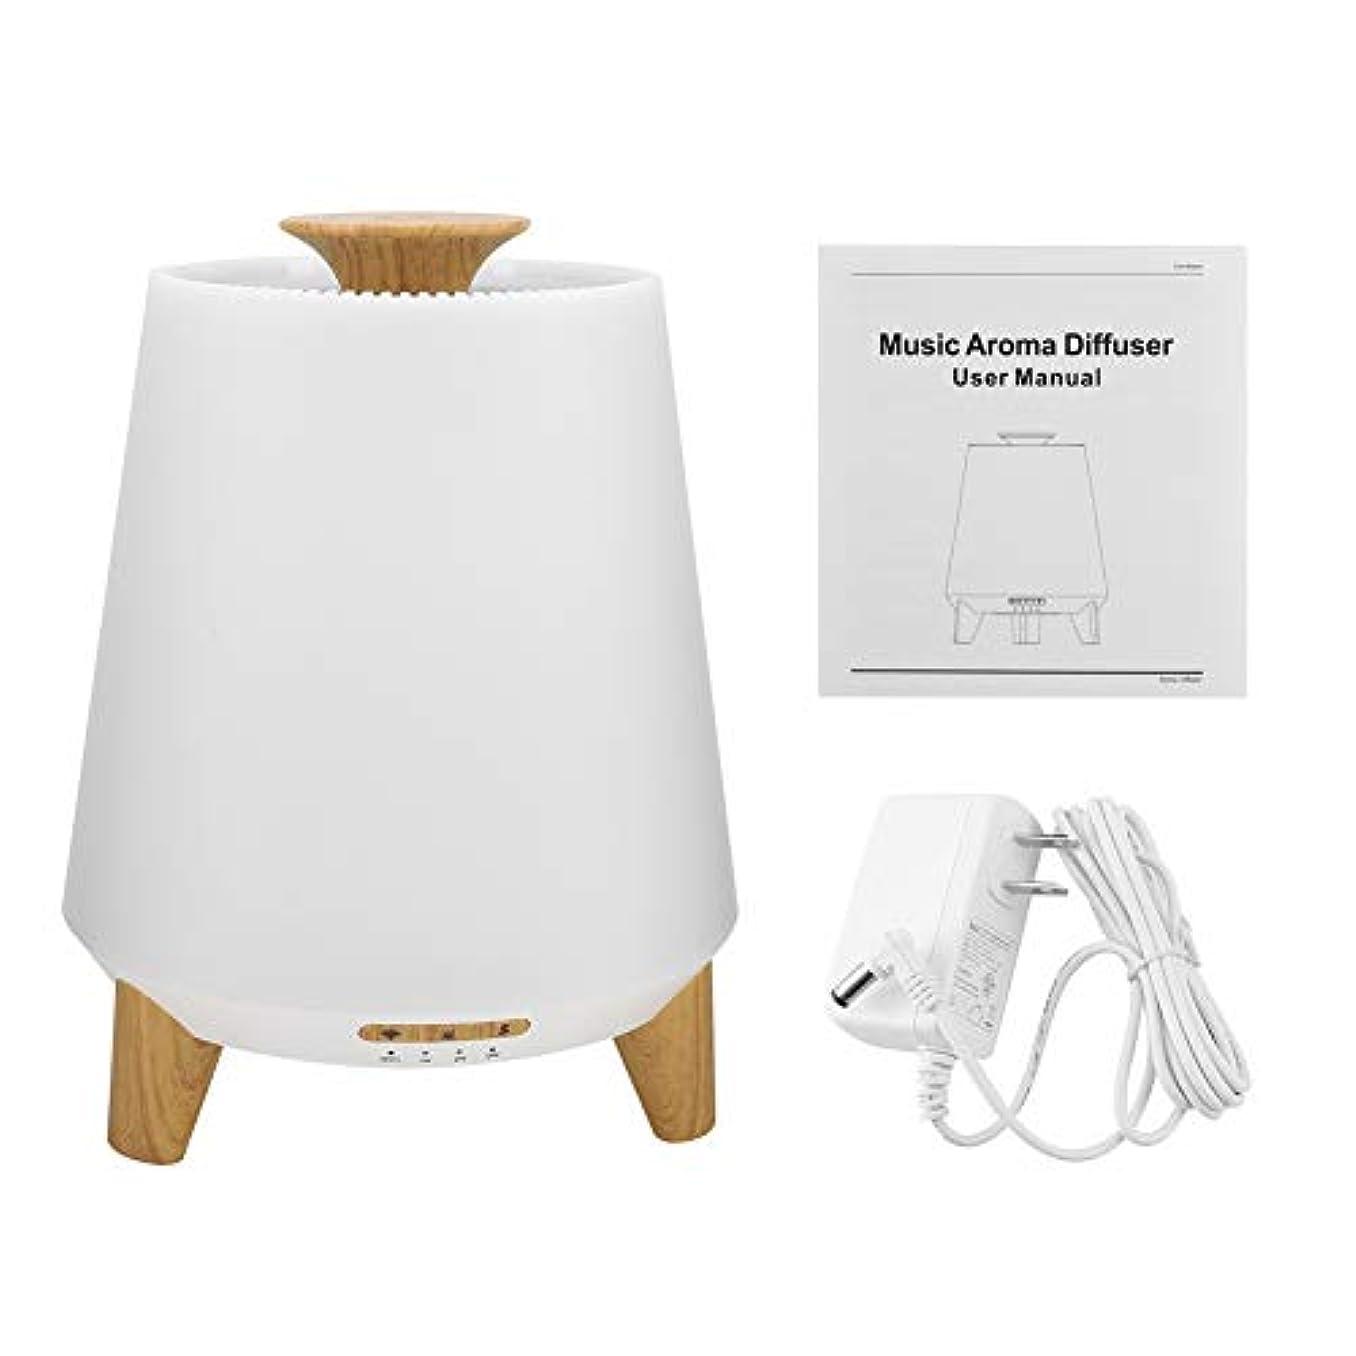 カラス寄稿者クレデンシャル加湿器 アロマディフューザー 音楽プレーヤー 3 in 1 7色LEDライト クールミスト WIFI スマート 超音波 アロマ エッセンシャルオイル 互換性用 300ml(#1)